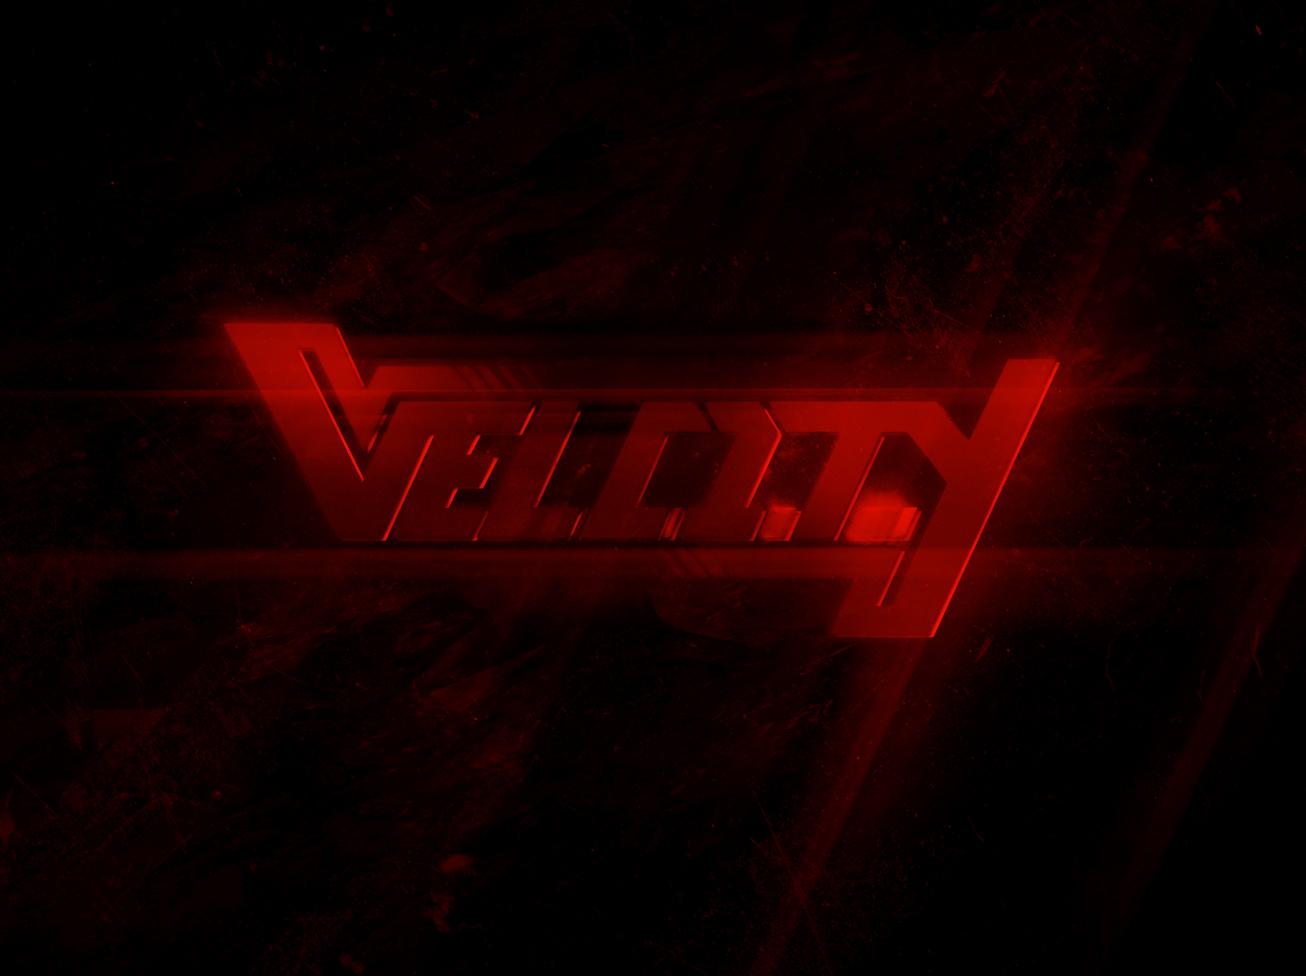 clvstr-velcity logo.jpg